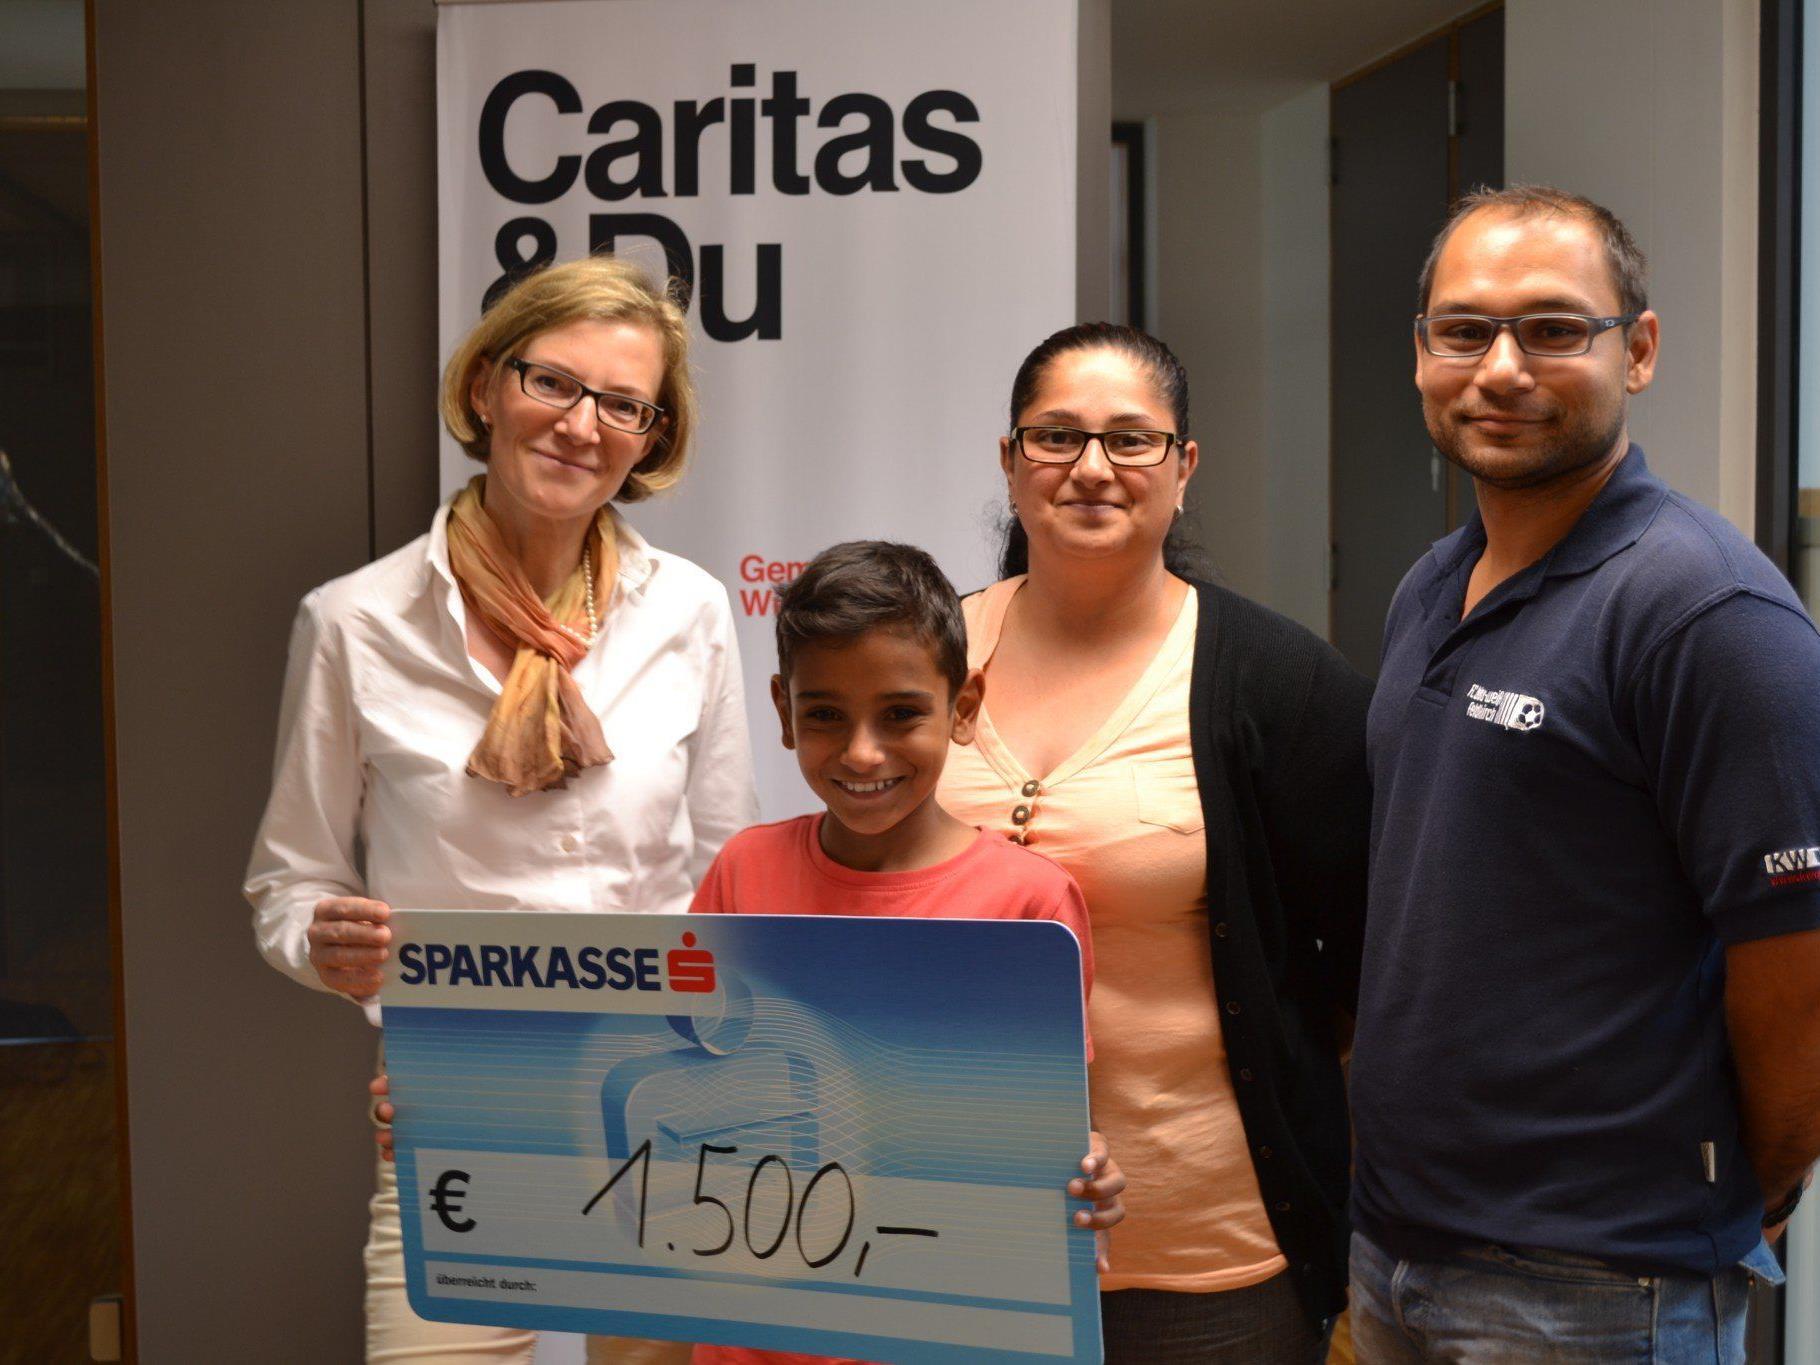 Sanja und Miroslav Sretenovic mit Sohn und Caritas-Mitarbeiterin Doris Ramspeck (links im Bild) bei der Scheckübergabe.